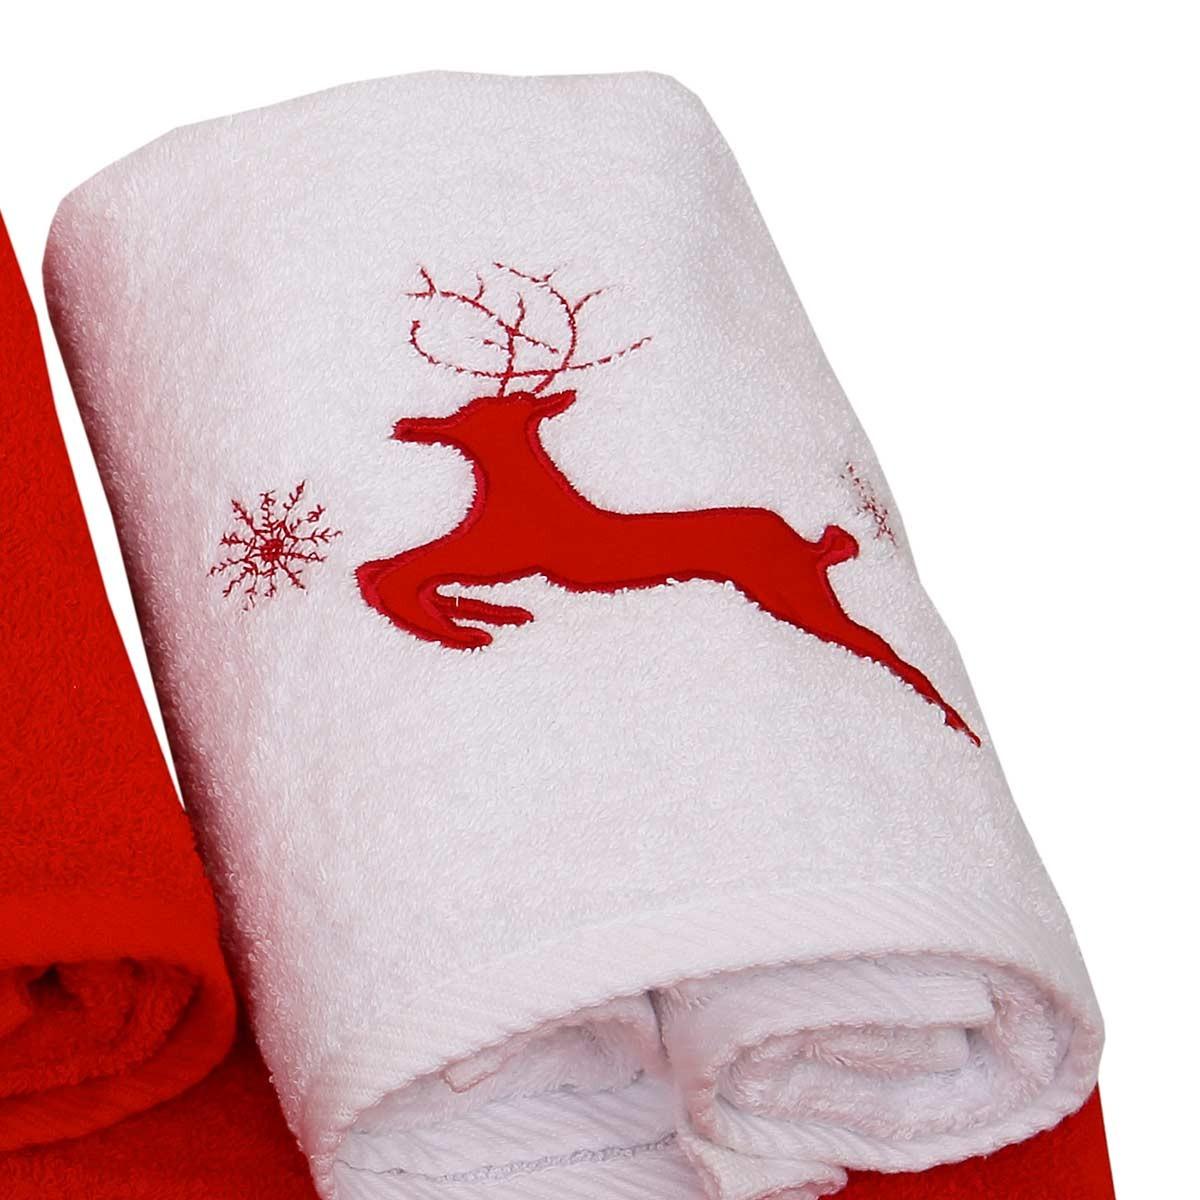 Χριστουγεννιάτικη Πετσέτα (50x90) Viopros 2303 home   χριστουγεννιάτικα   χριστουγεννιάτικα είδη μπάνιου